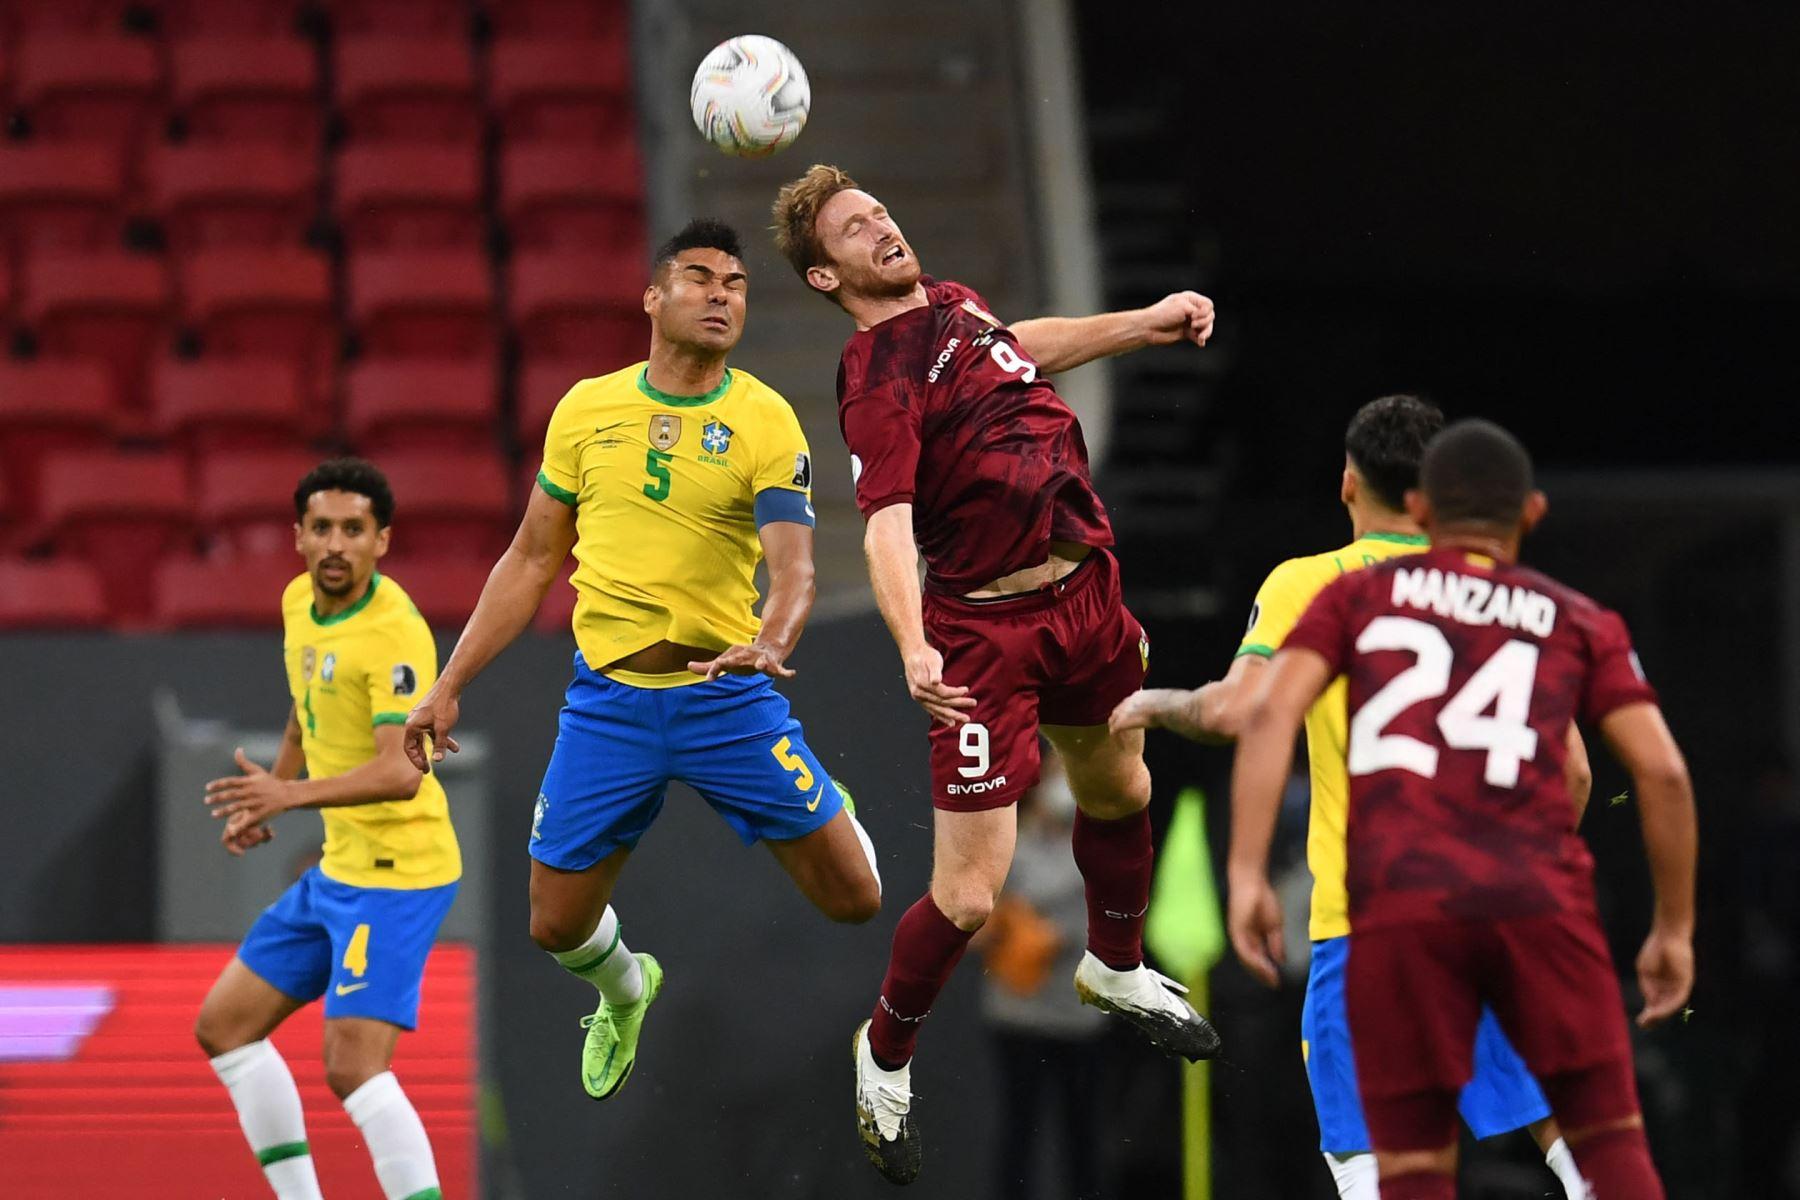 Casemiro de Brasil y Fernando Aristeguieta de Venezuela compiten por el balón durante el partido de la fase de grupos del torneo de fútbol Conmebol Copa América 2021 en el estadio Mane Garrincha de Brasilia. Foto: AFP